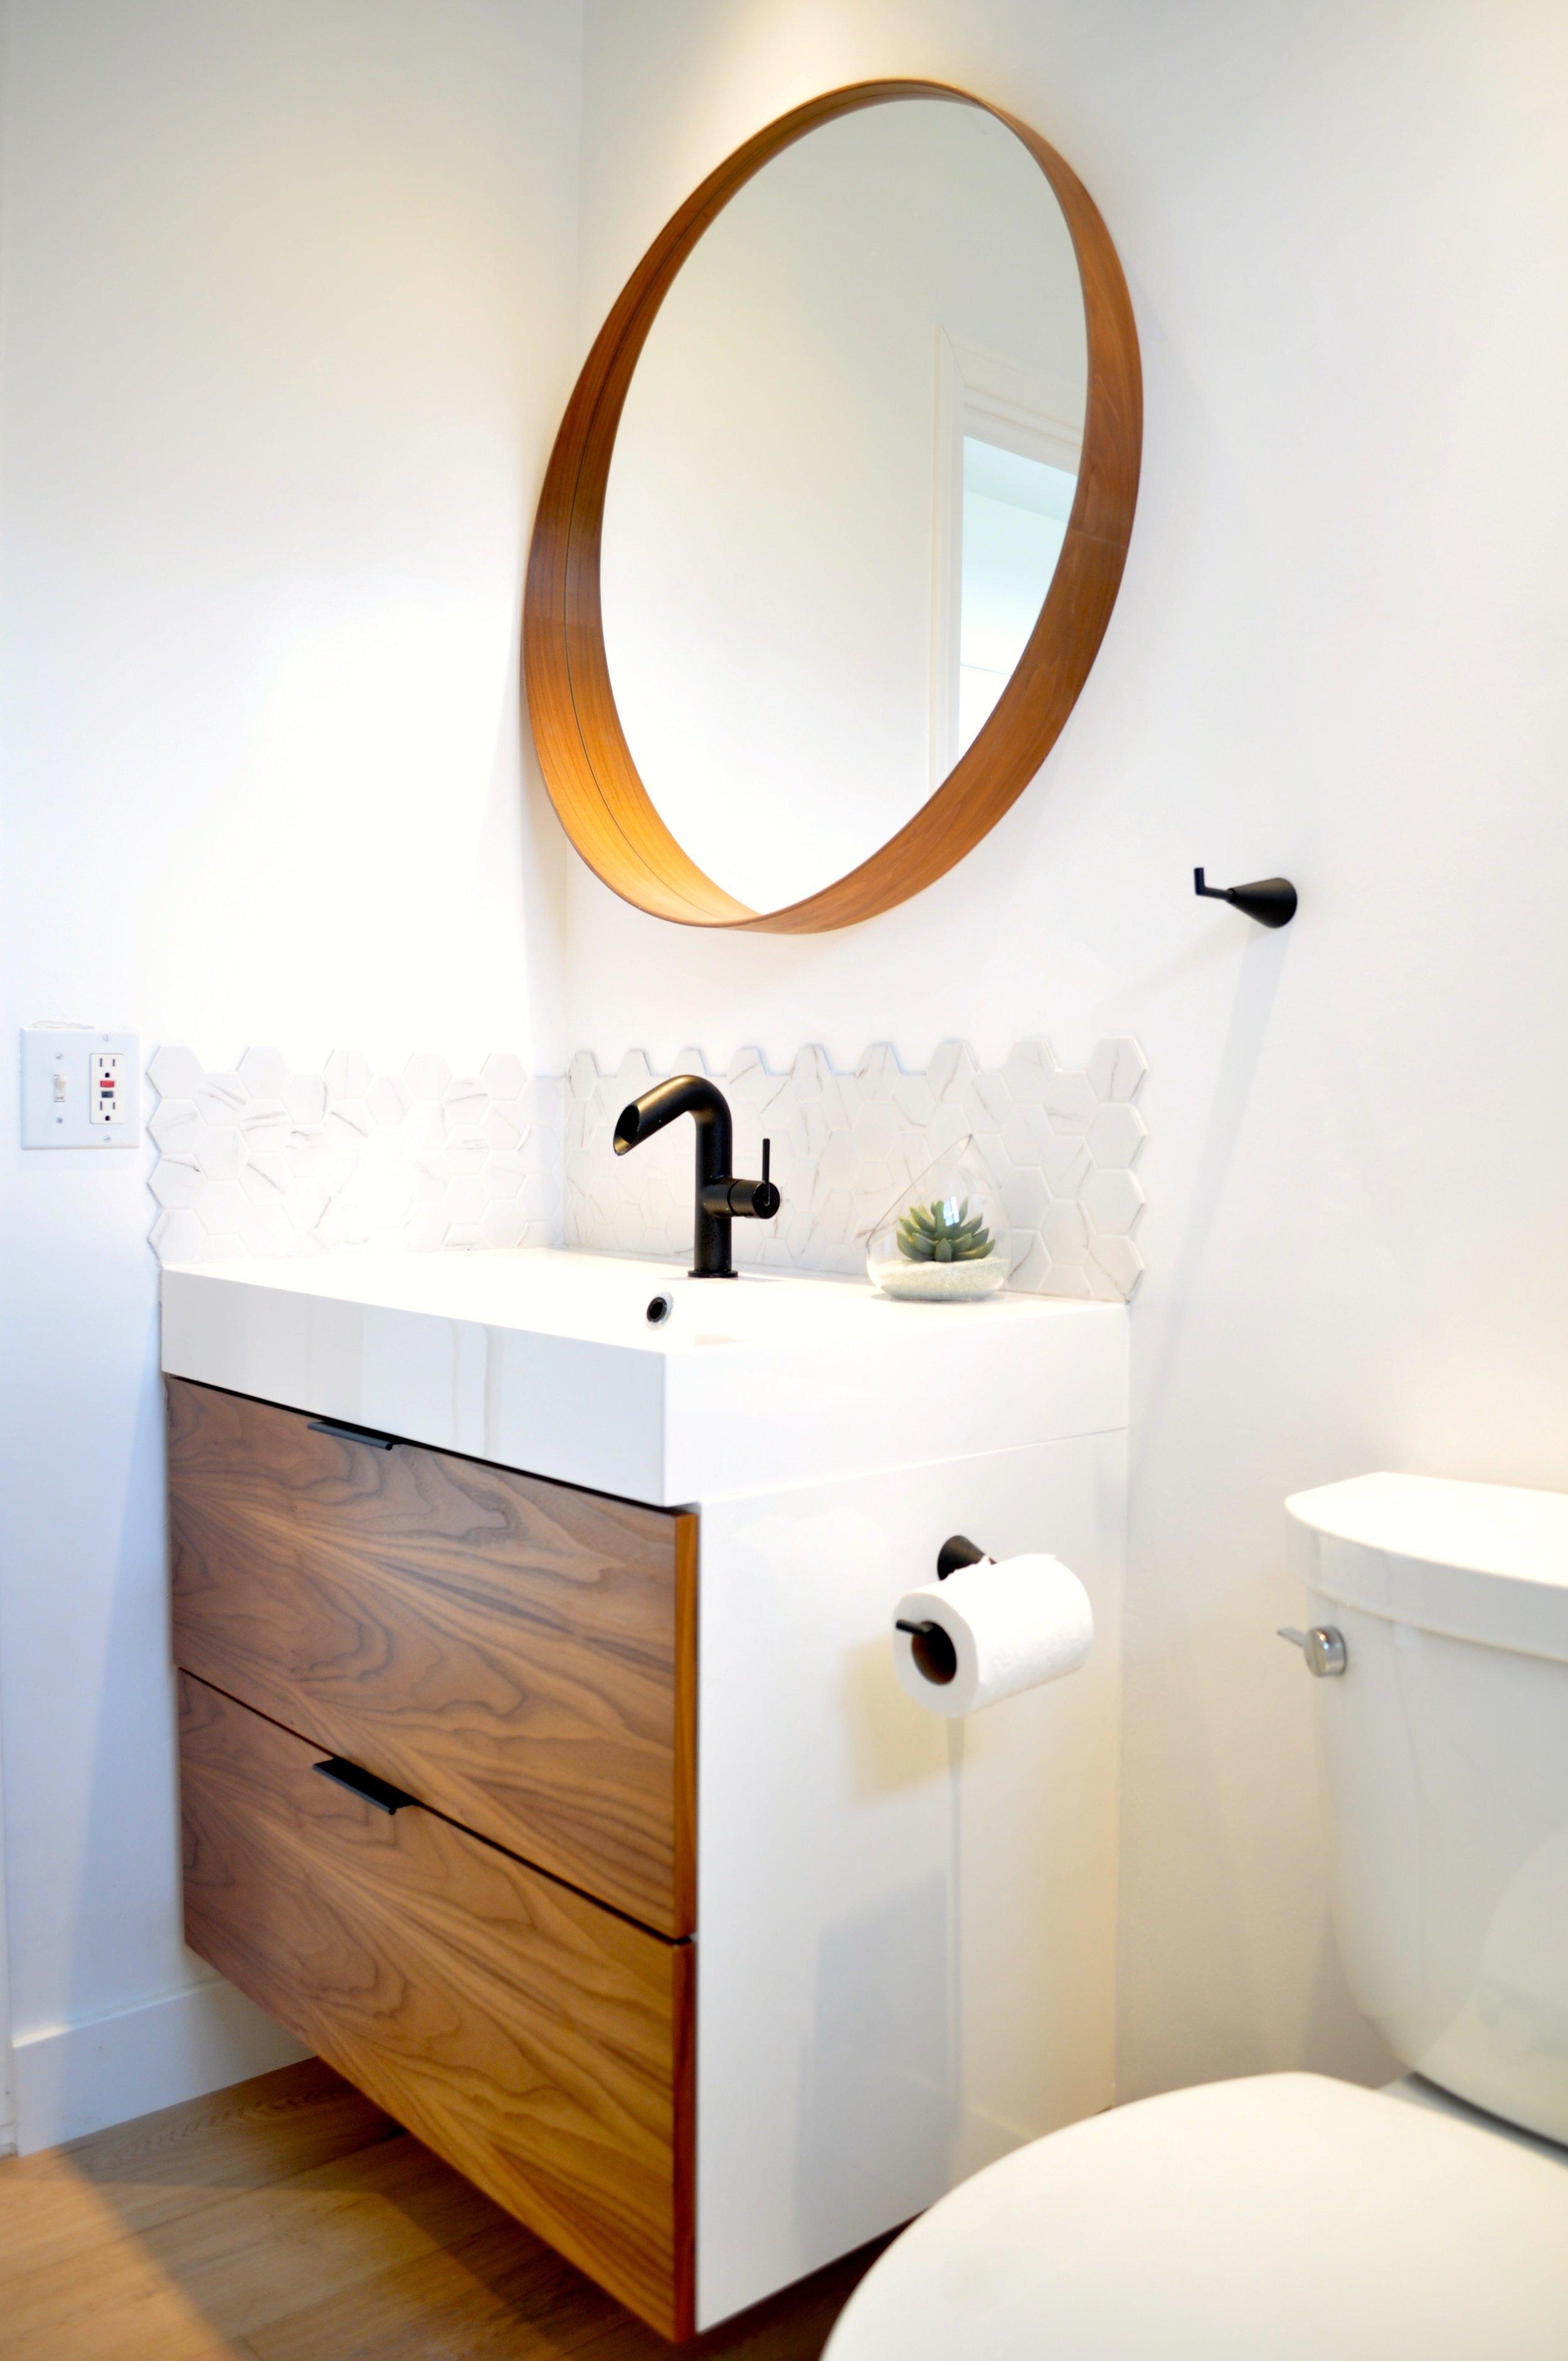 DIY How to tile a bathroom backsplash